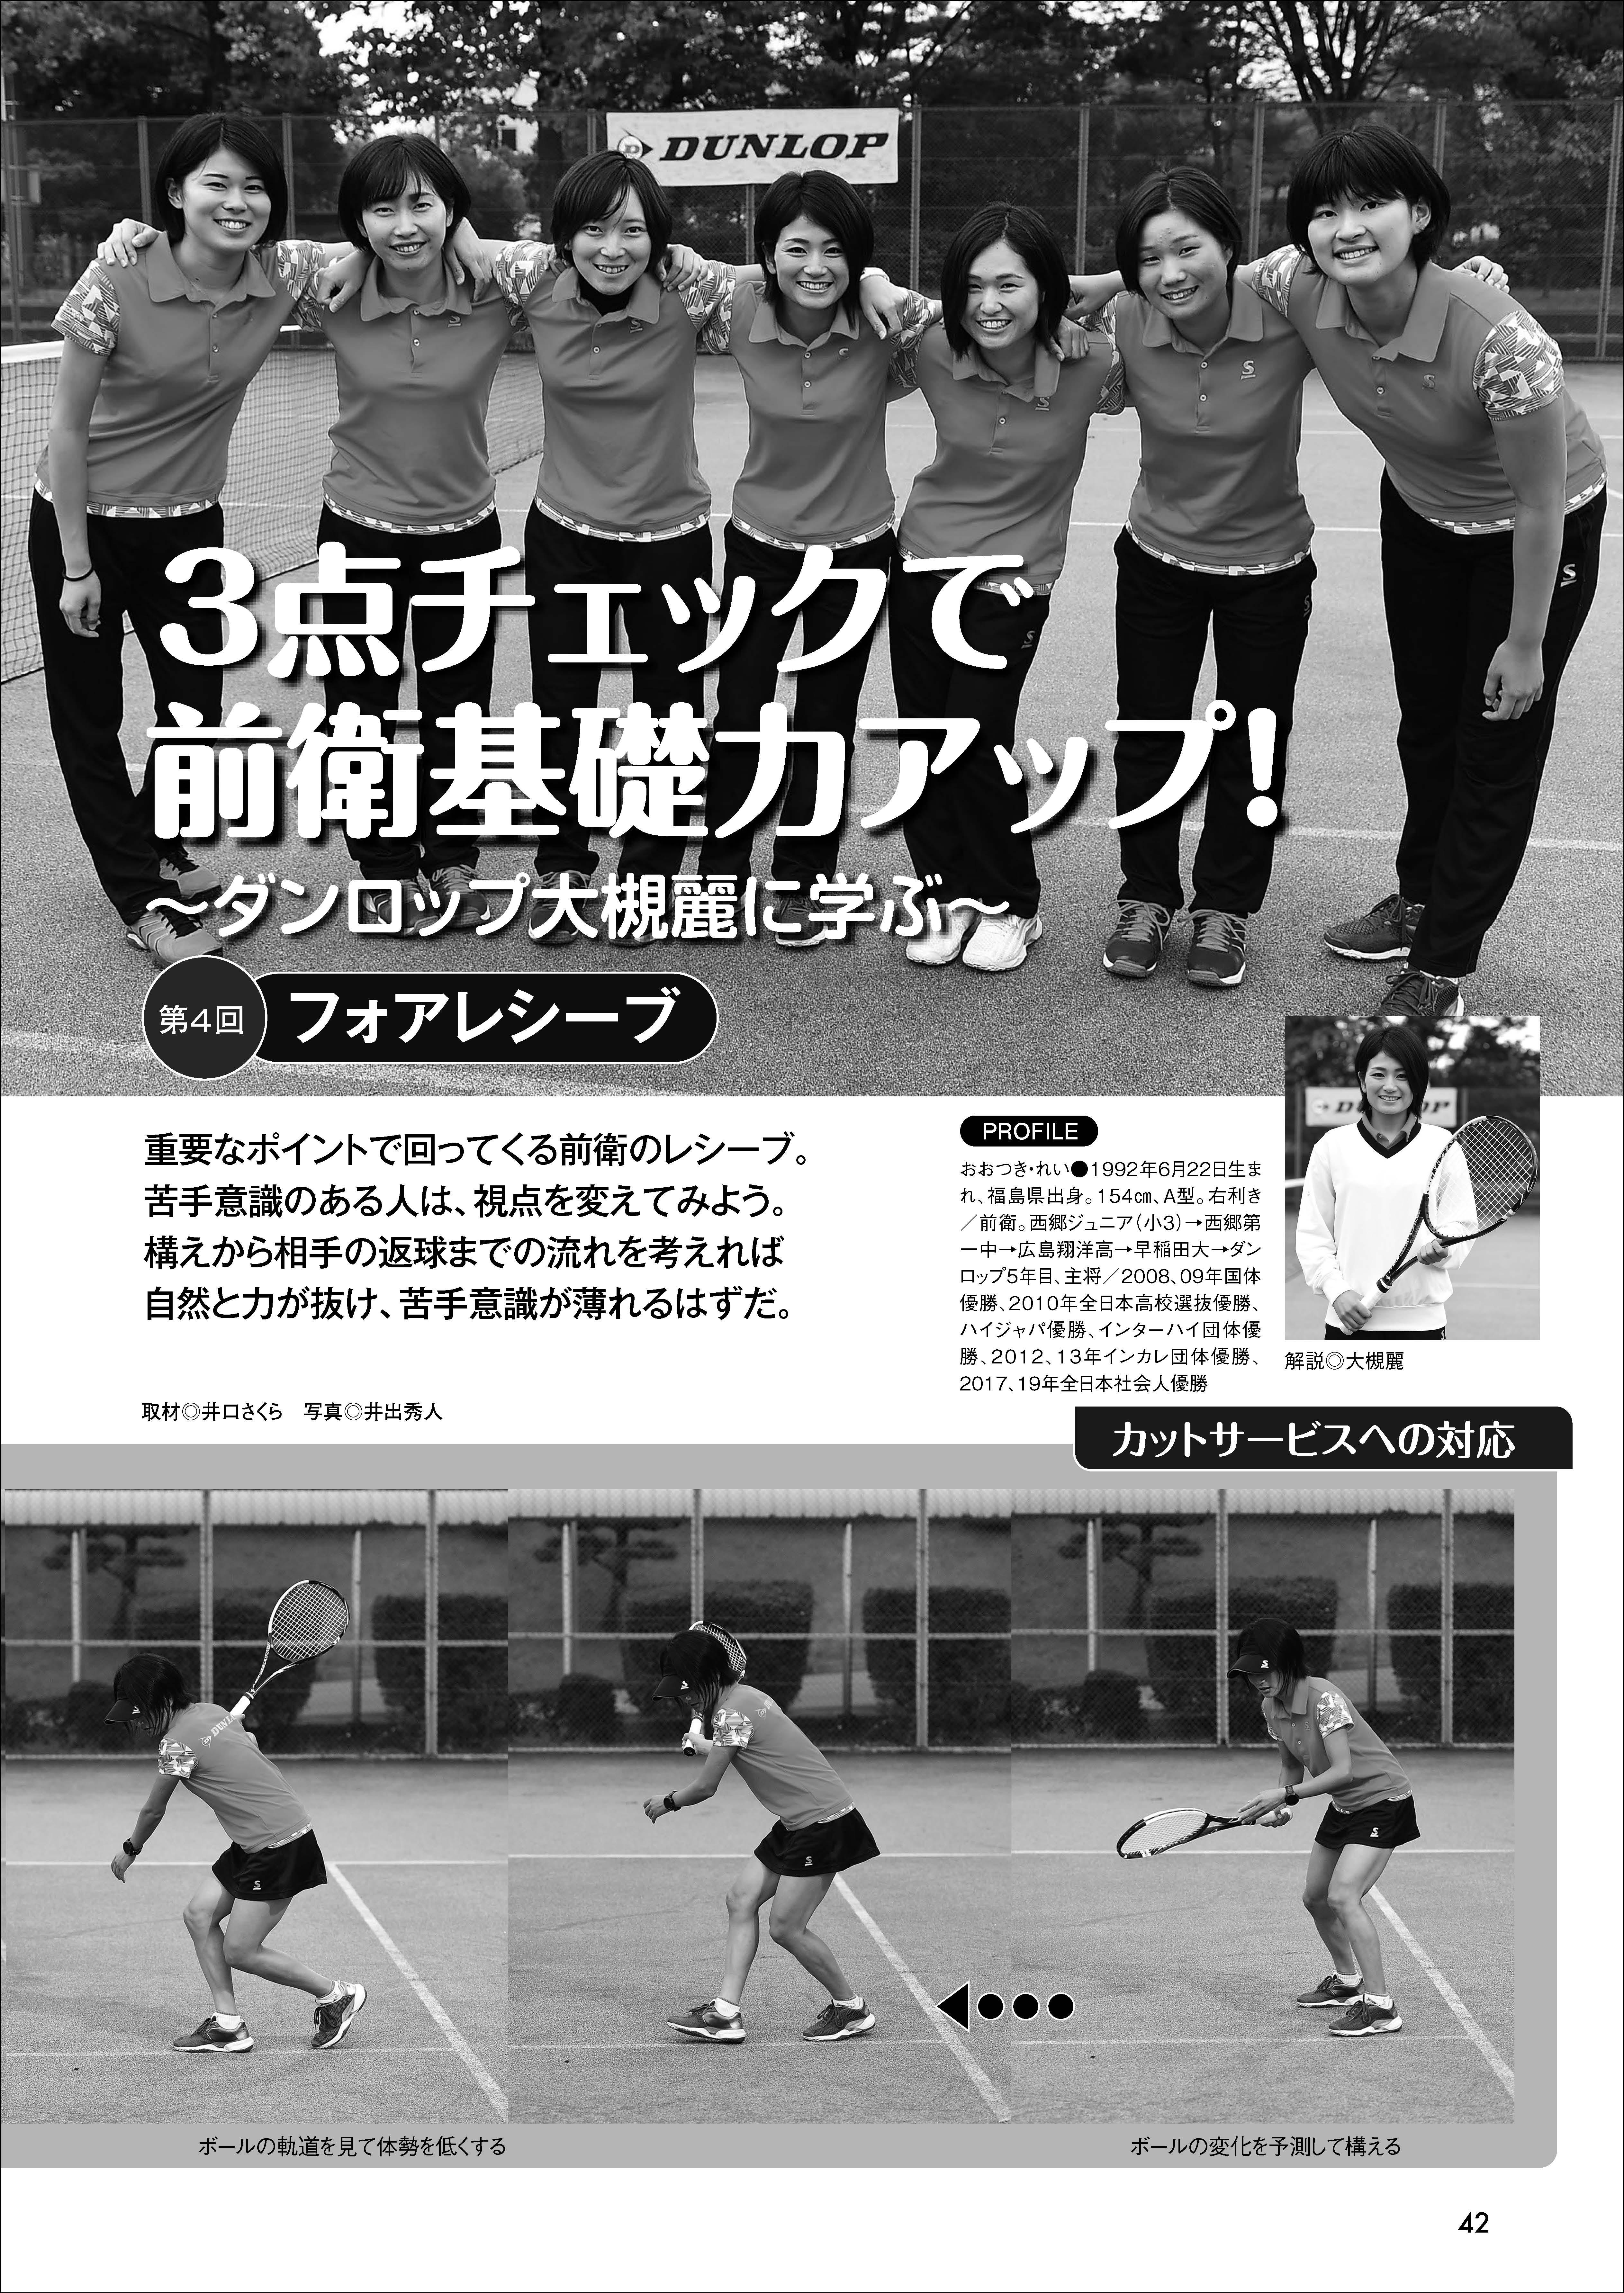 ソフトテニスマガジン2020年3月号P42